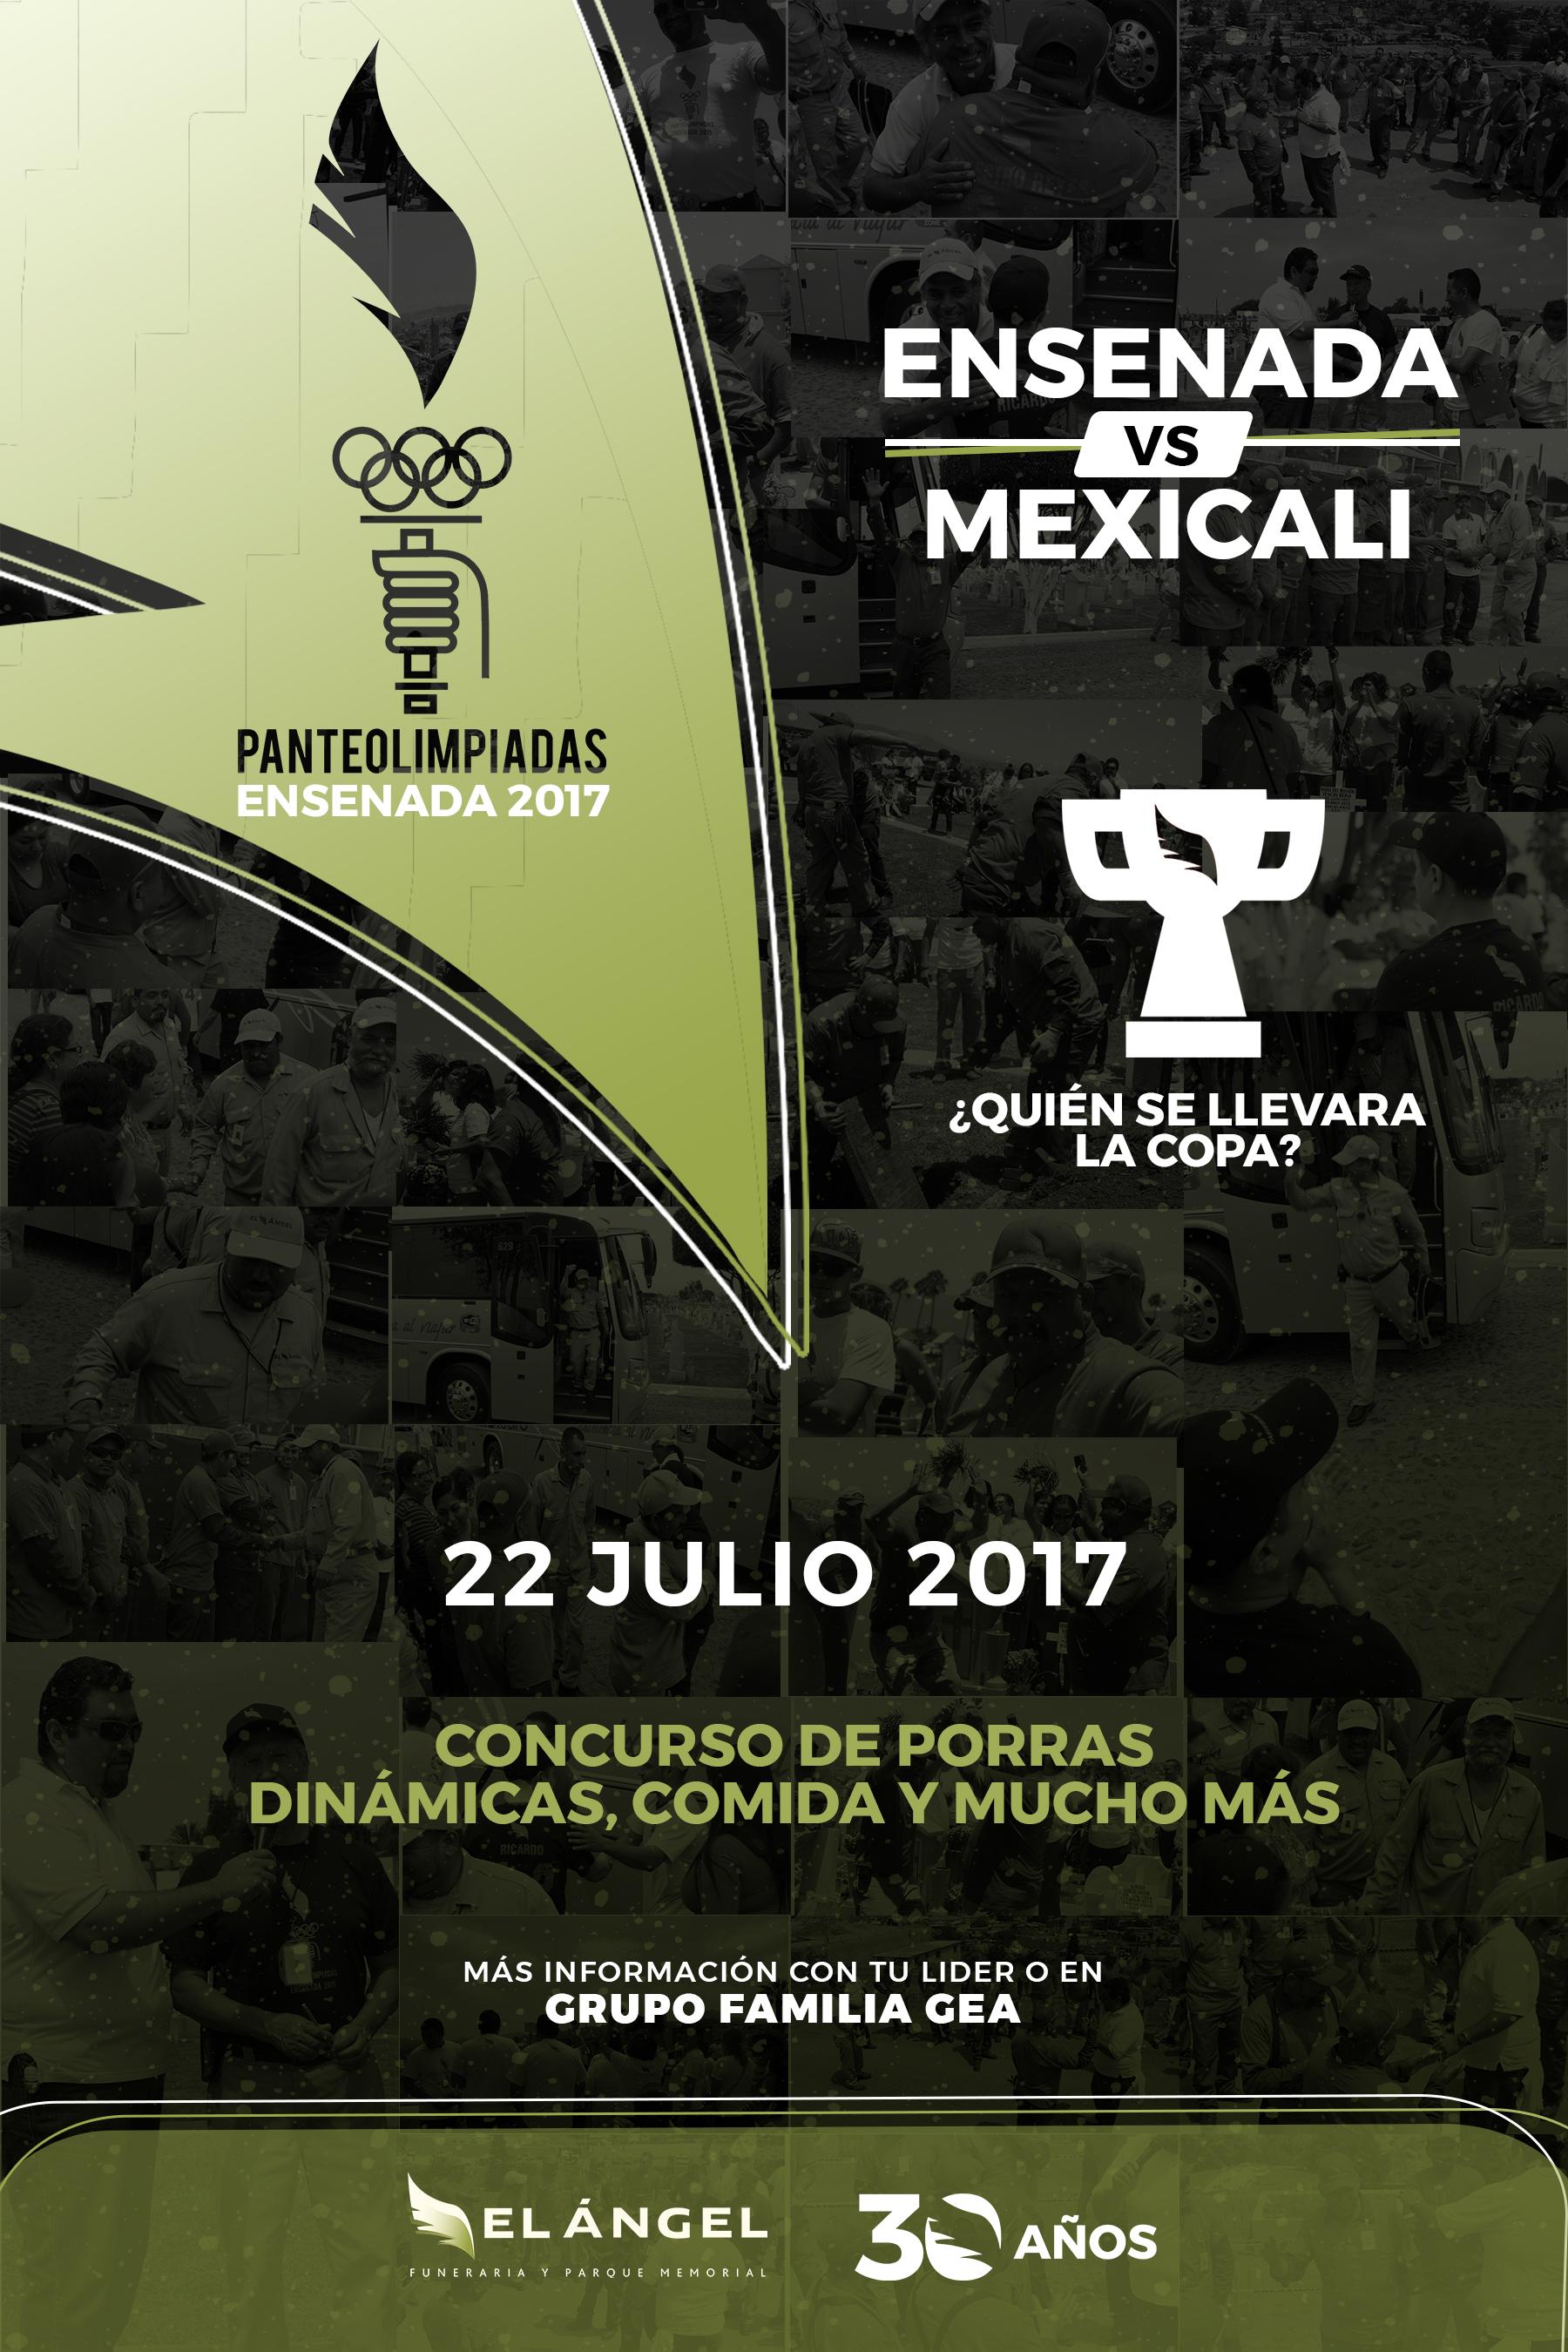 Poster Preview 2 - Panteolimpiadas.jpg